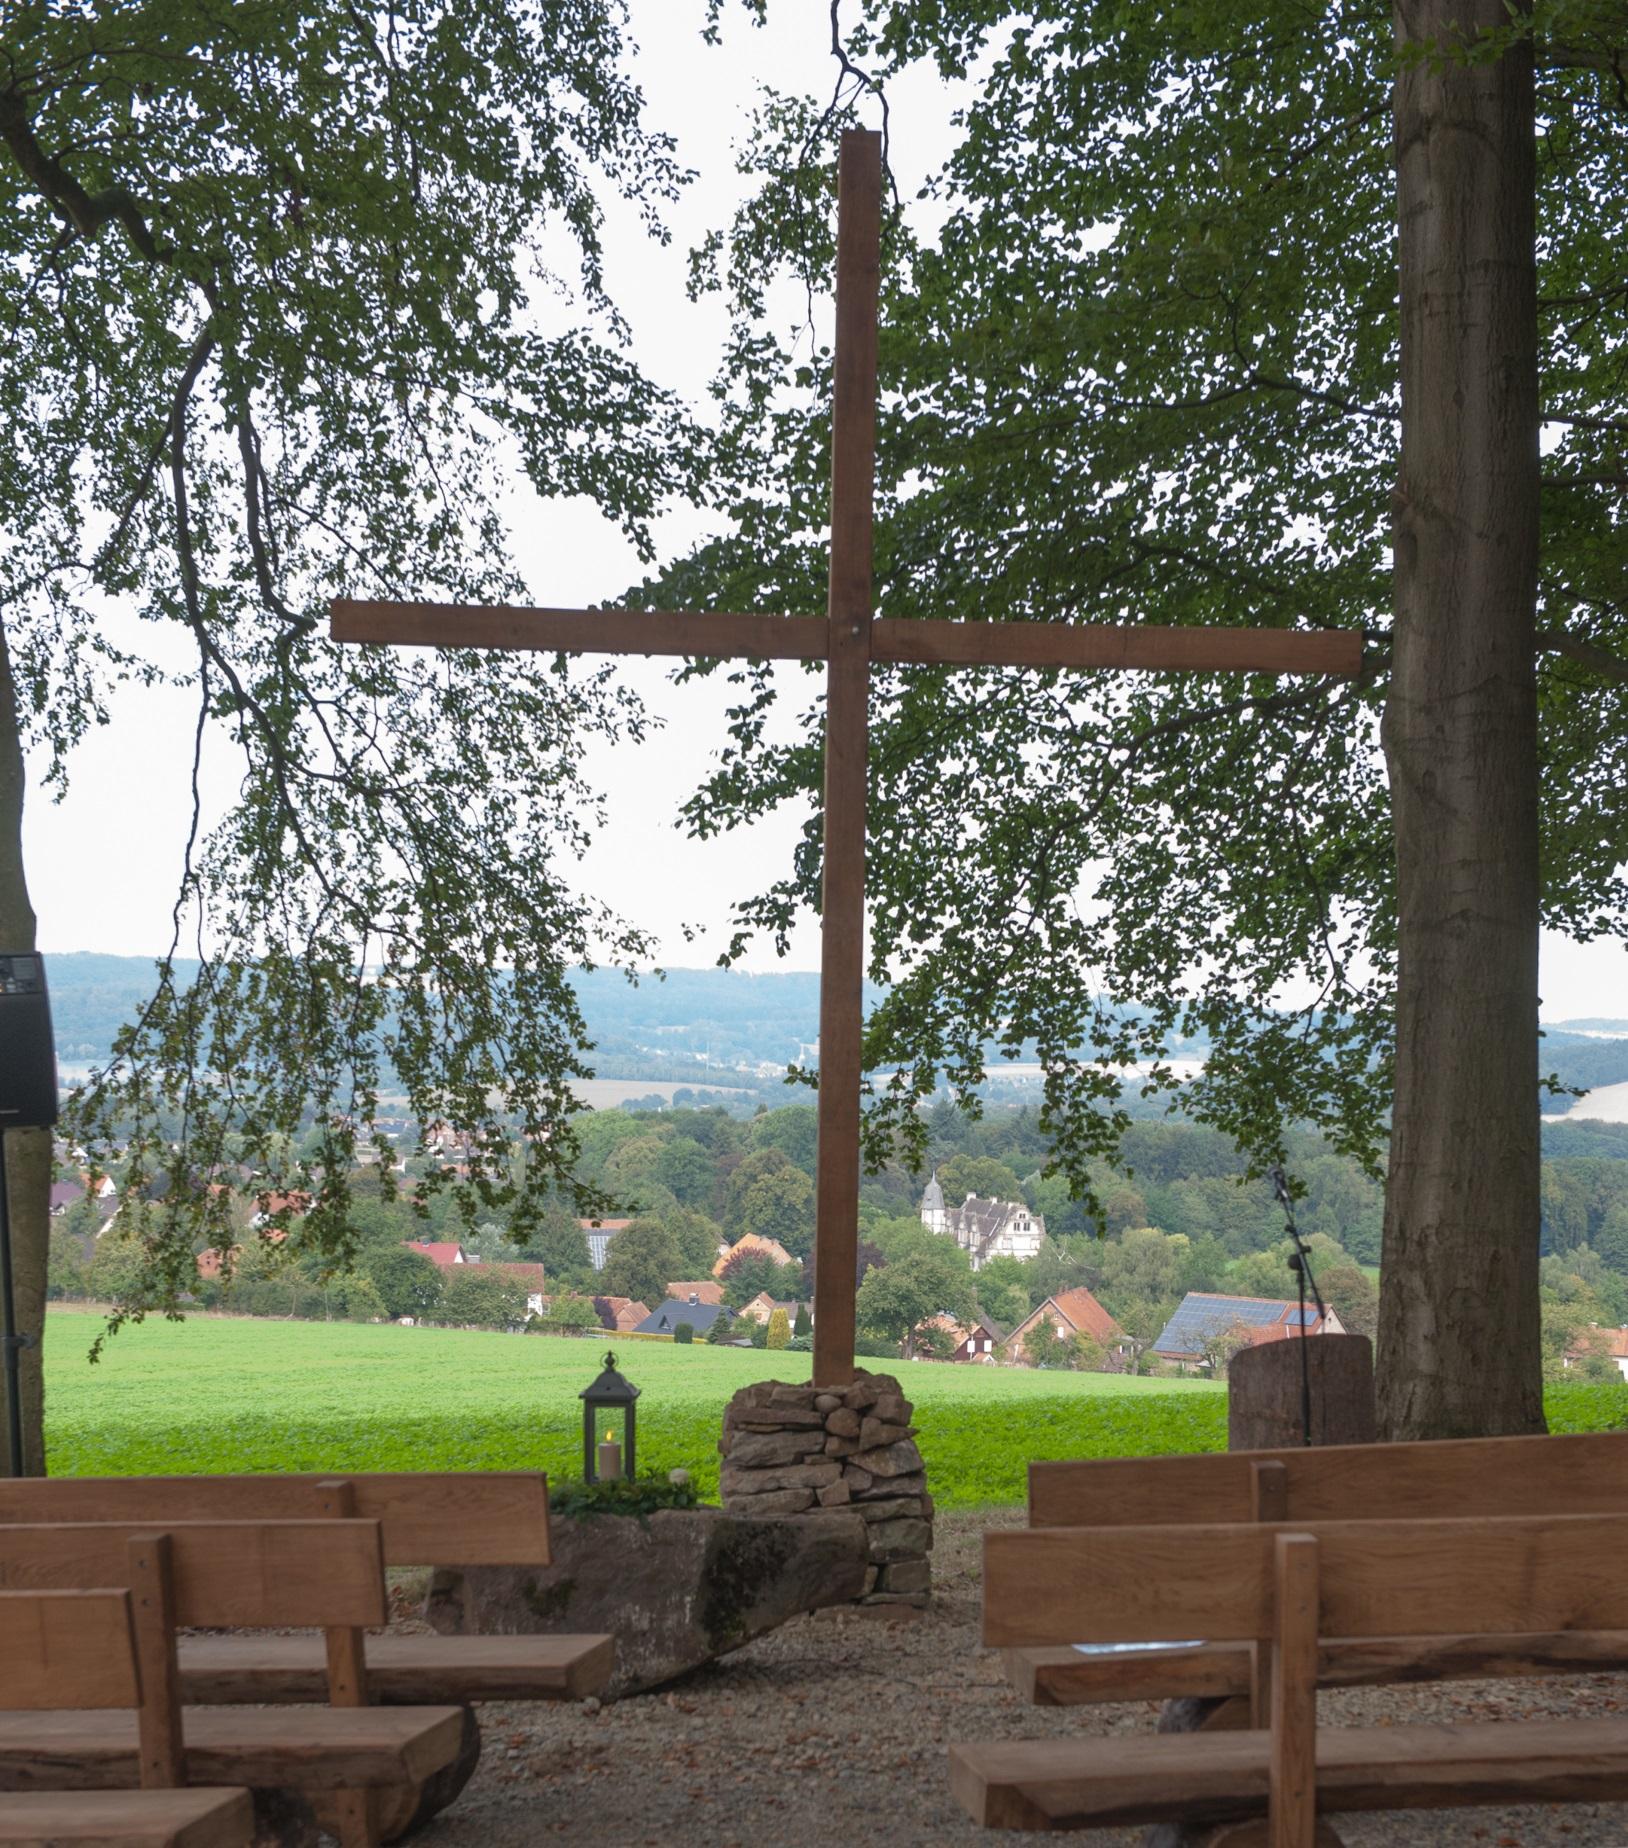 Links und rechts zwei hölzerne Bankreihen mit Blick auf ein Holzkreuz, der Platz für eine Andacht. Im Hintergrund unten ist wieder das Schloss Wendlinghausen zu erkennen